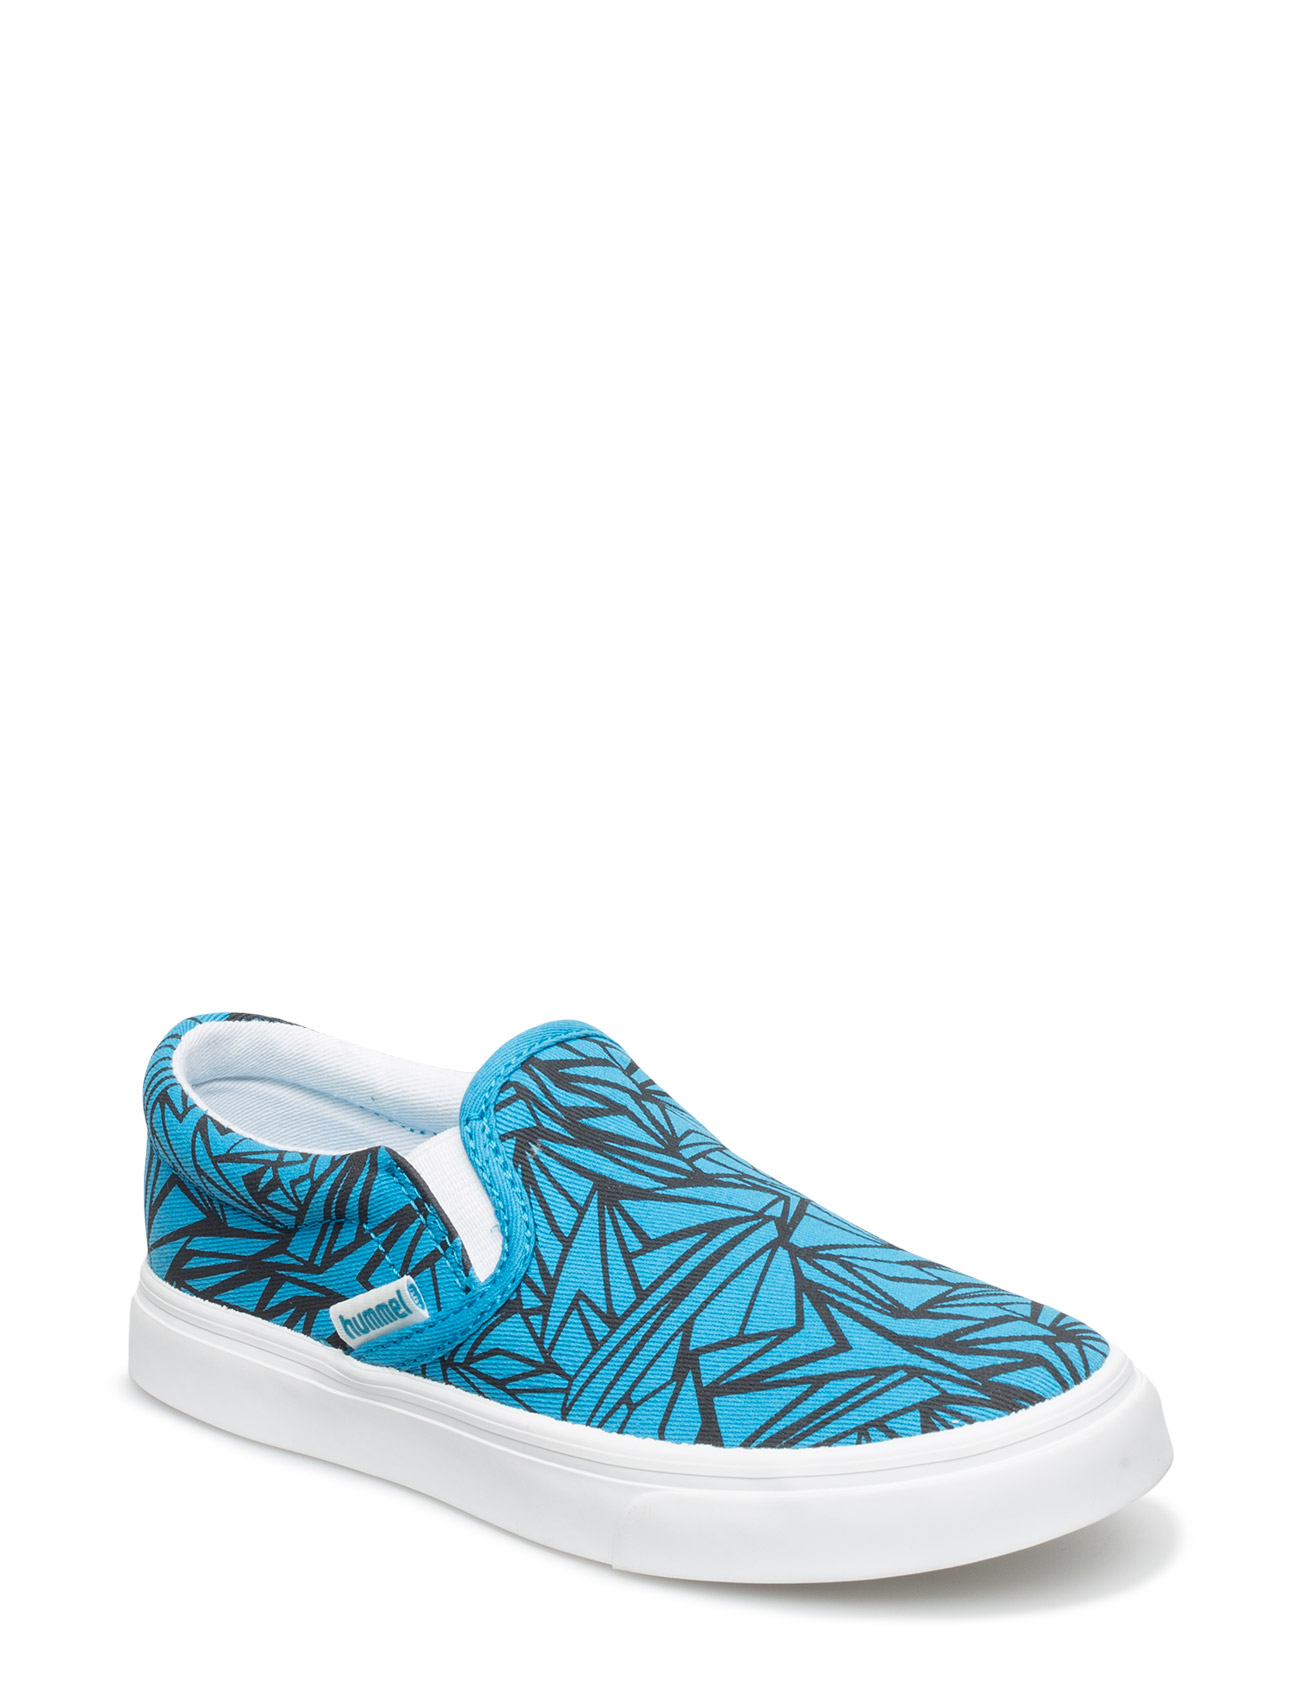 Slip-On Print Jr Hummel Sko & Sneakers til Børn i